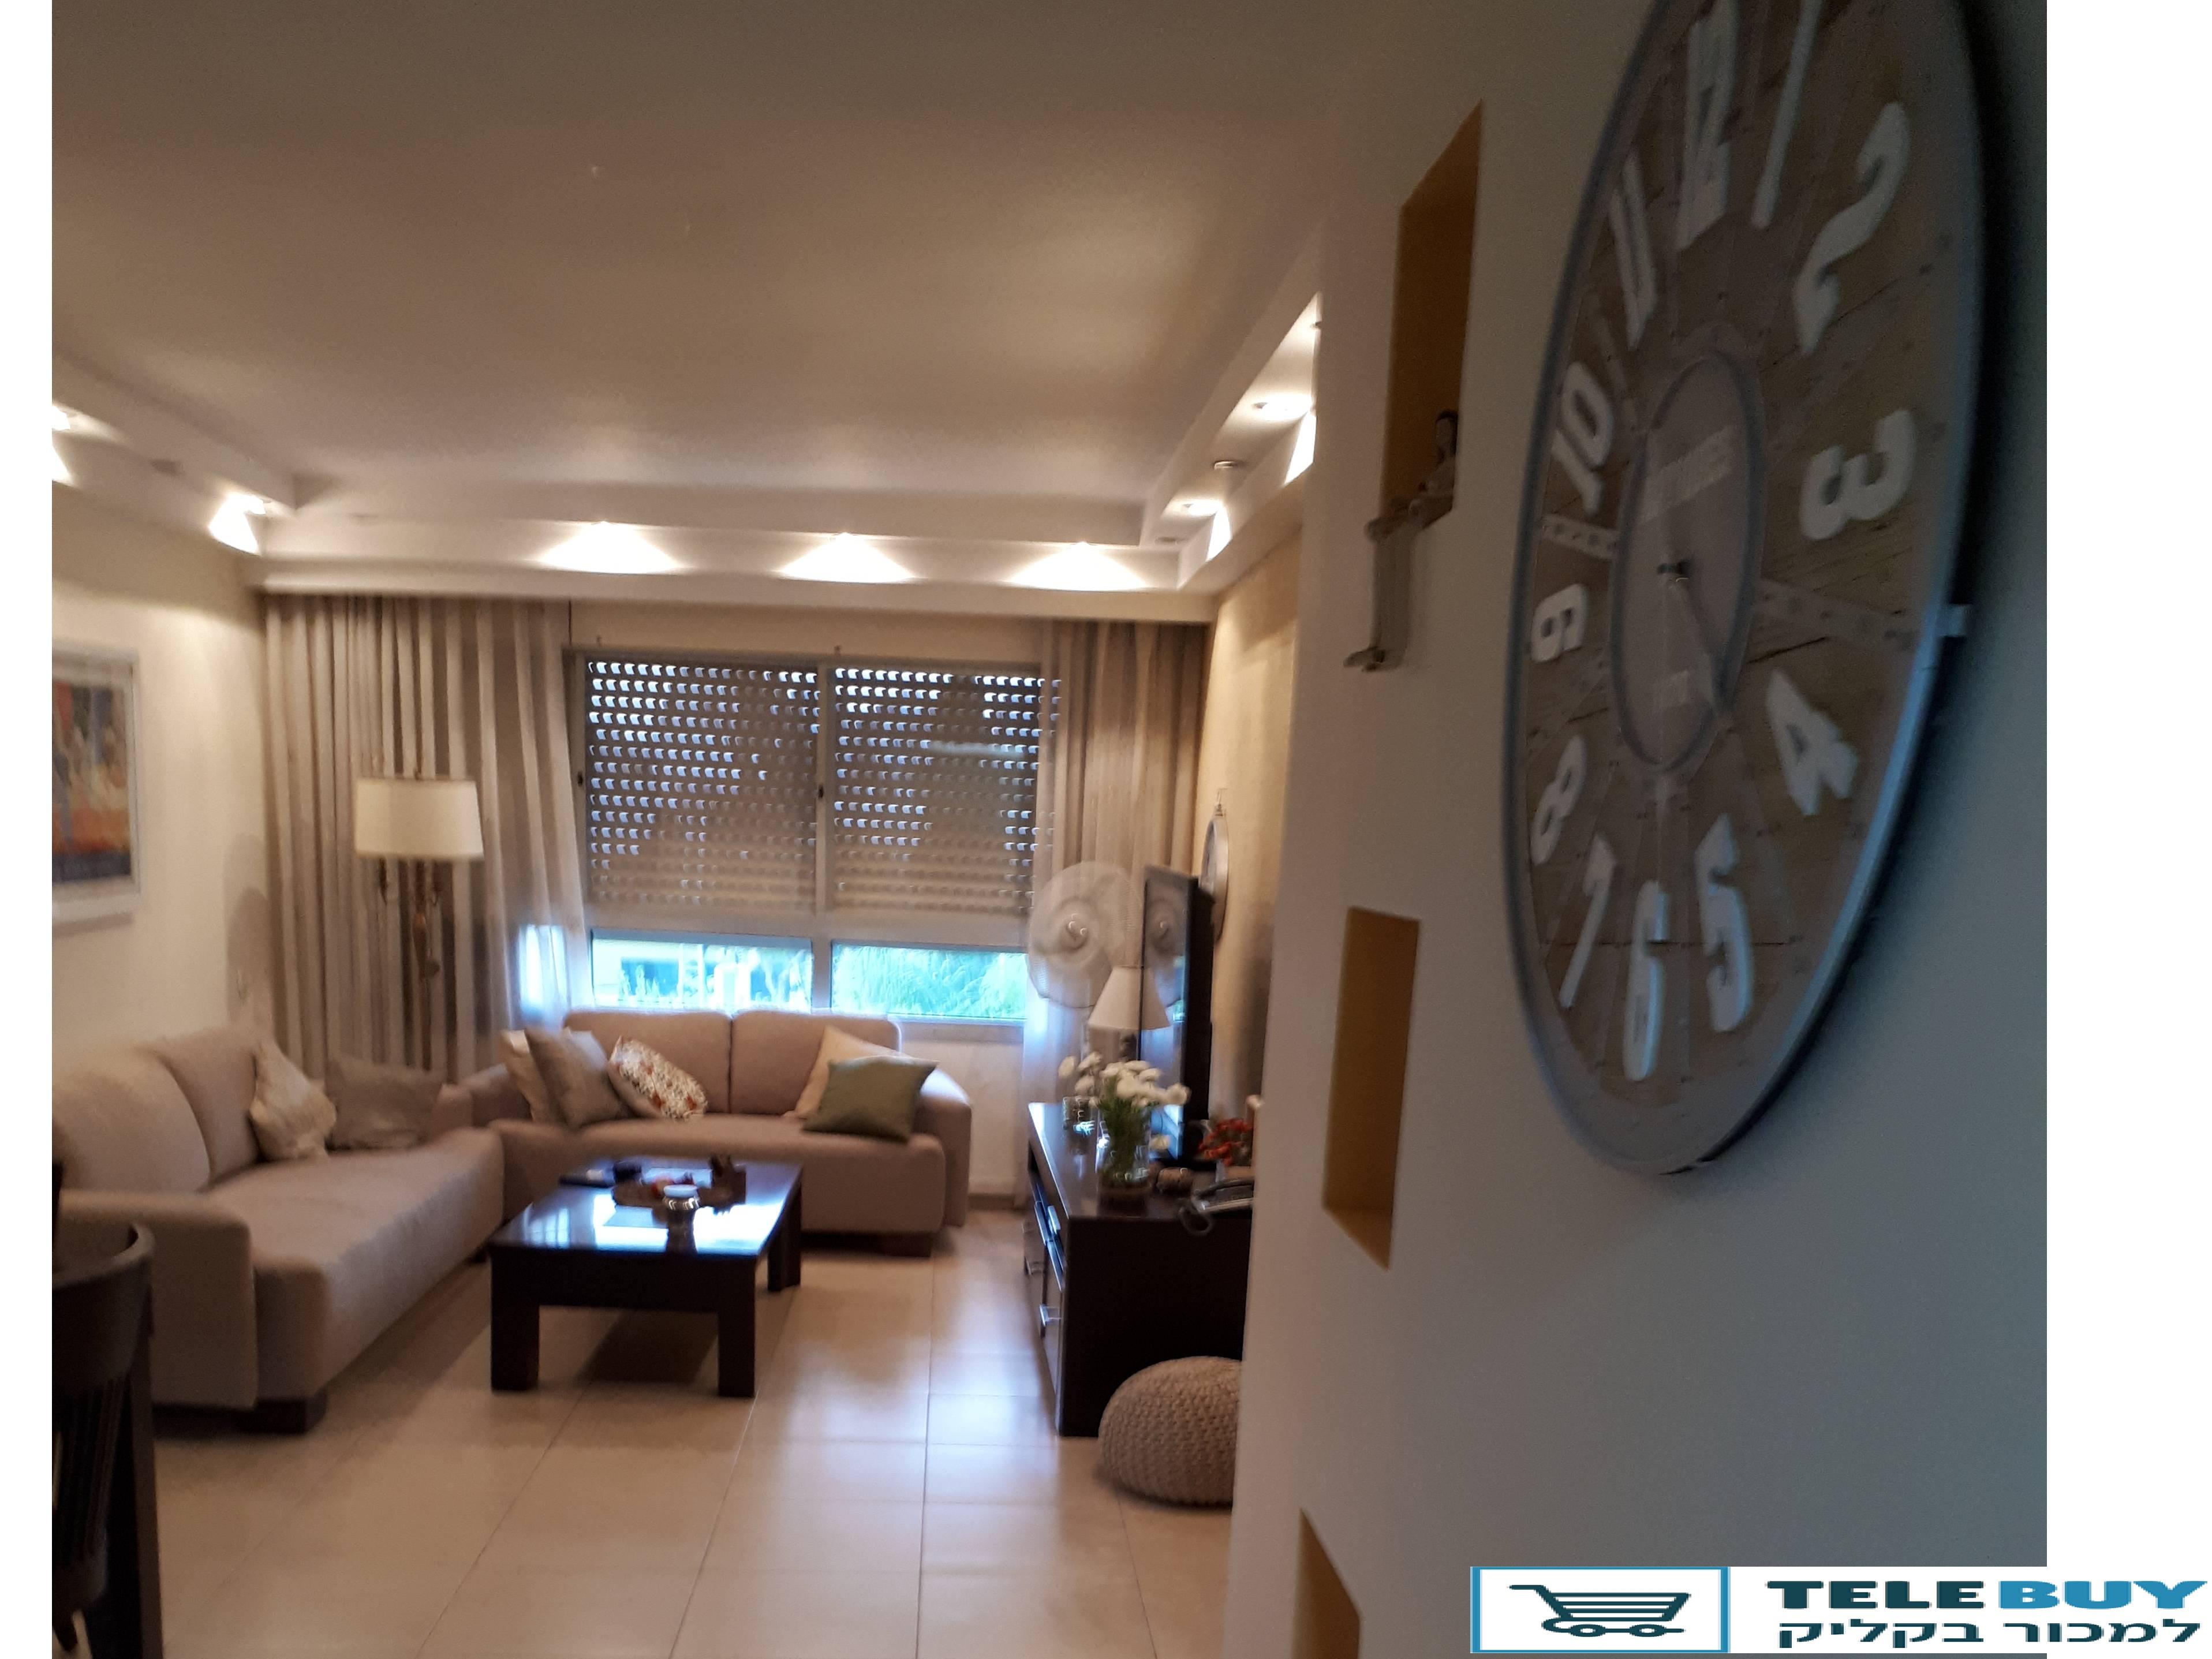 דירות למכירה בית פרטי   בישובים באזור מרכז